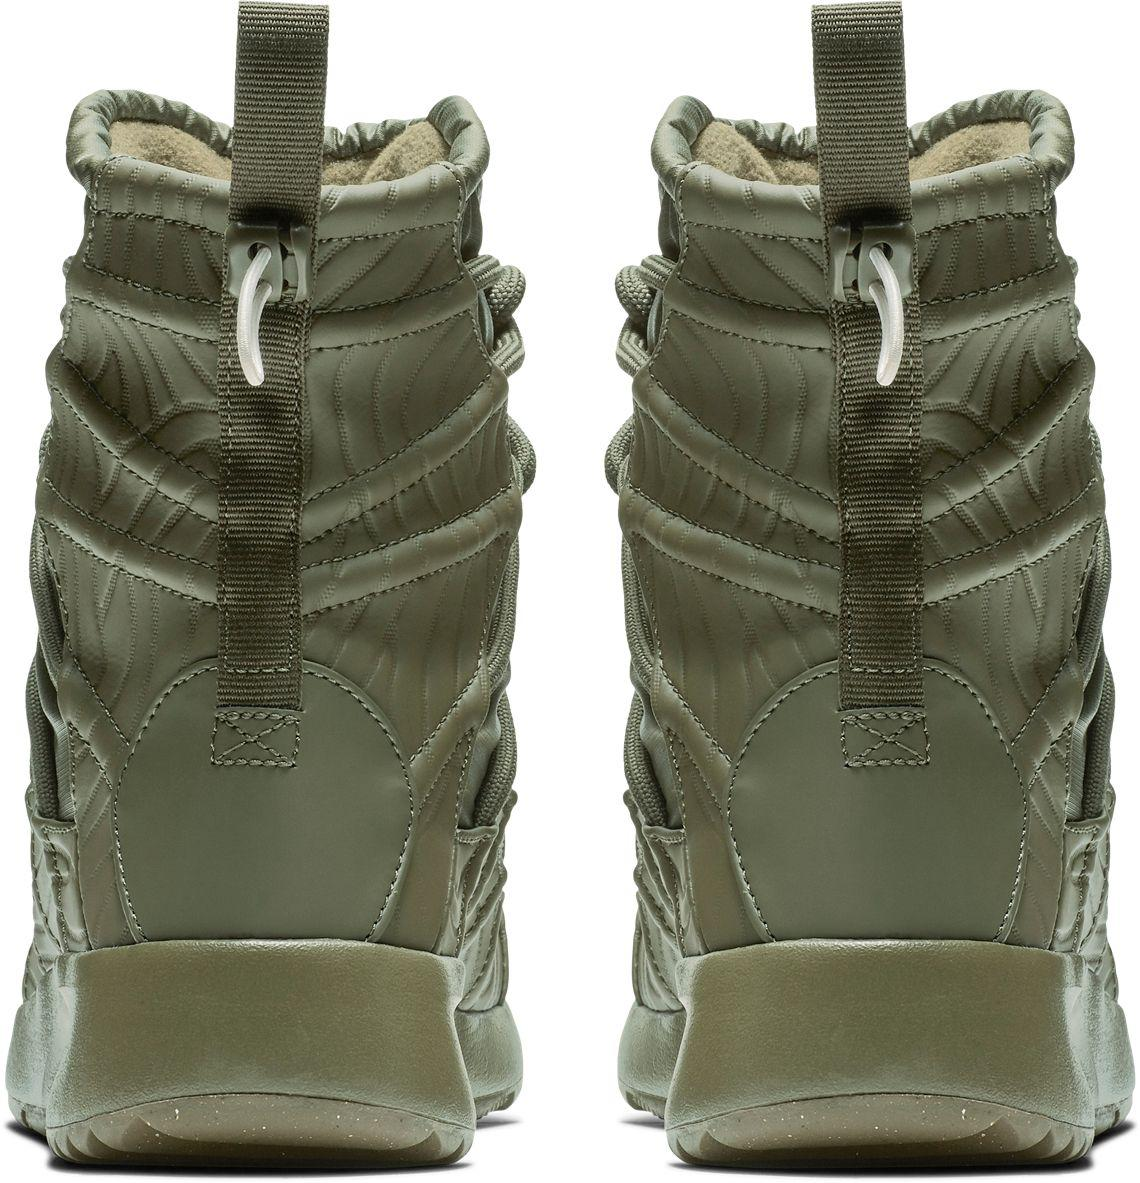 5521c9b0c Lyst - Nike Tanjun High Rise Shoe in Green